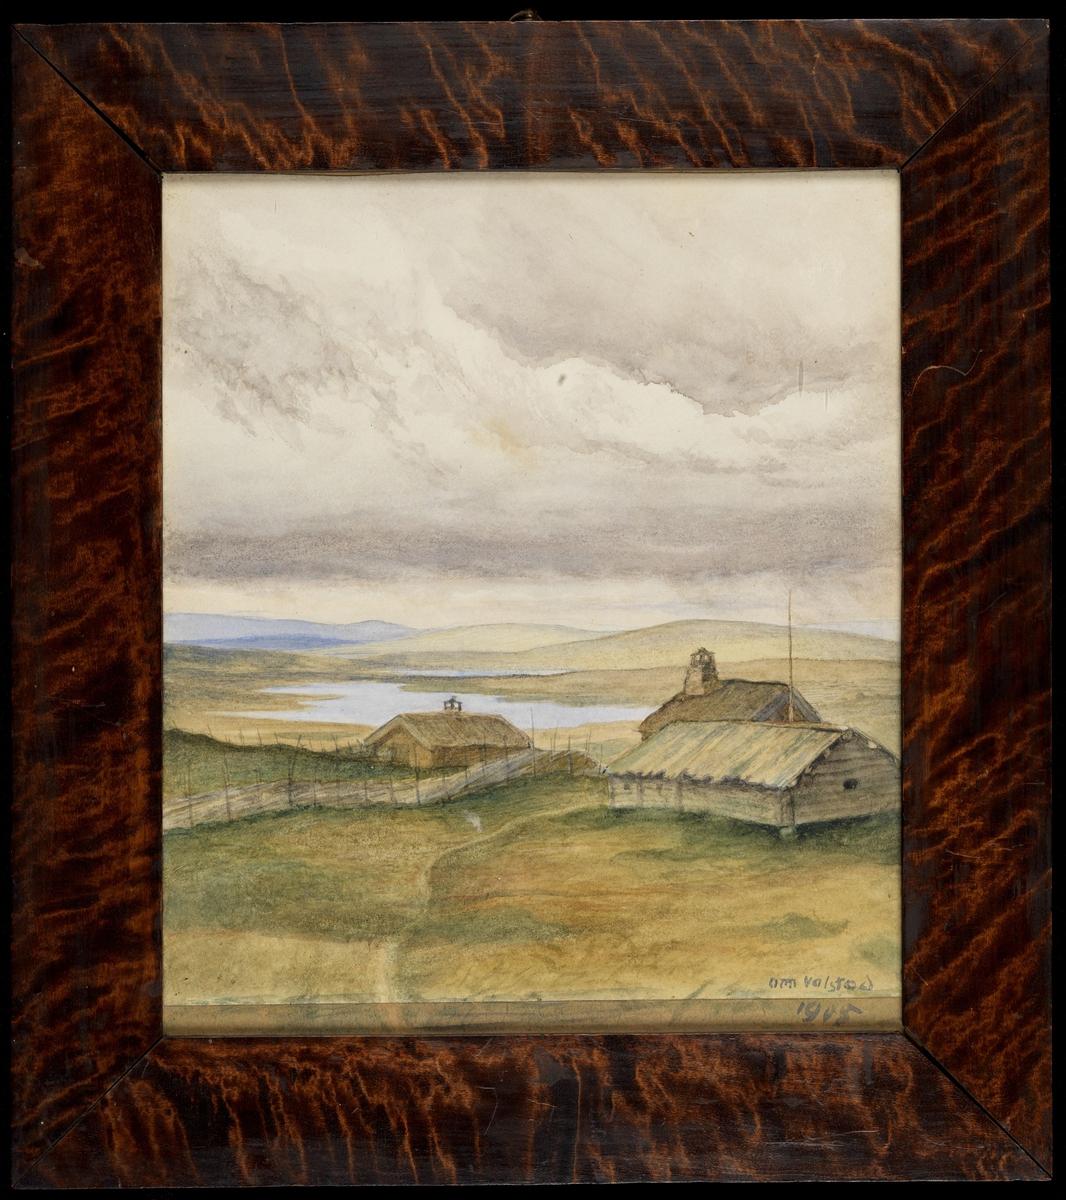 Fjell-landskap; i forgr. lave tømmerhus, skigard, brungrønne toner, i bakgr. vann og koller, blå åser, grå himmel